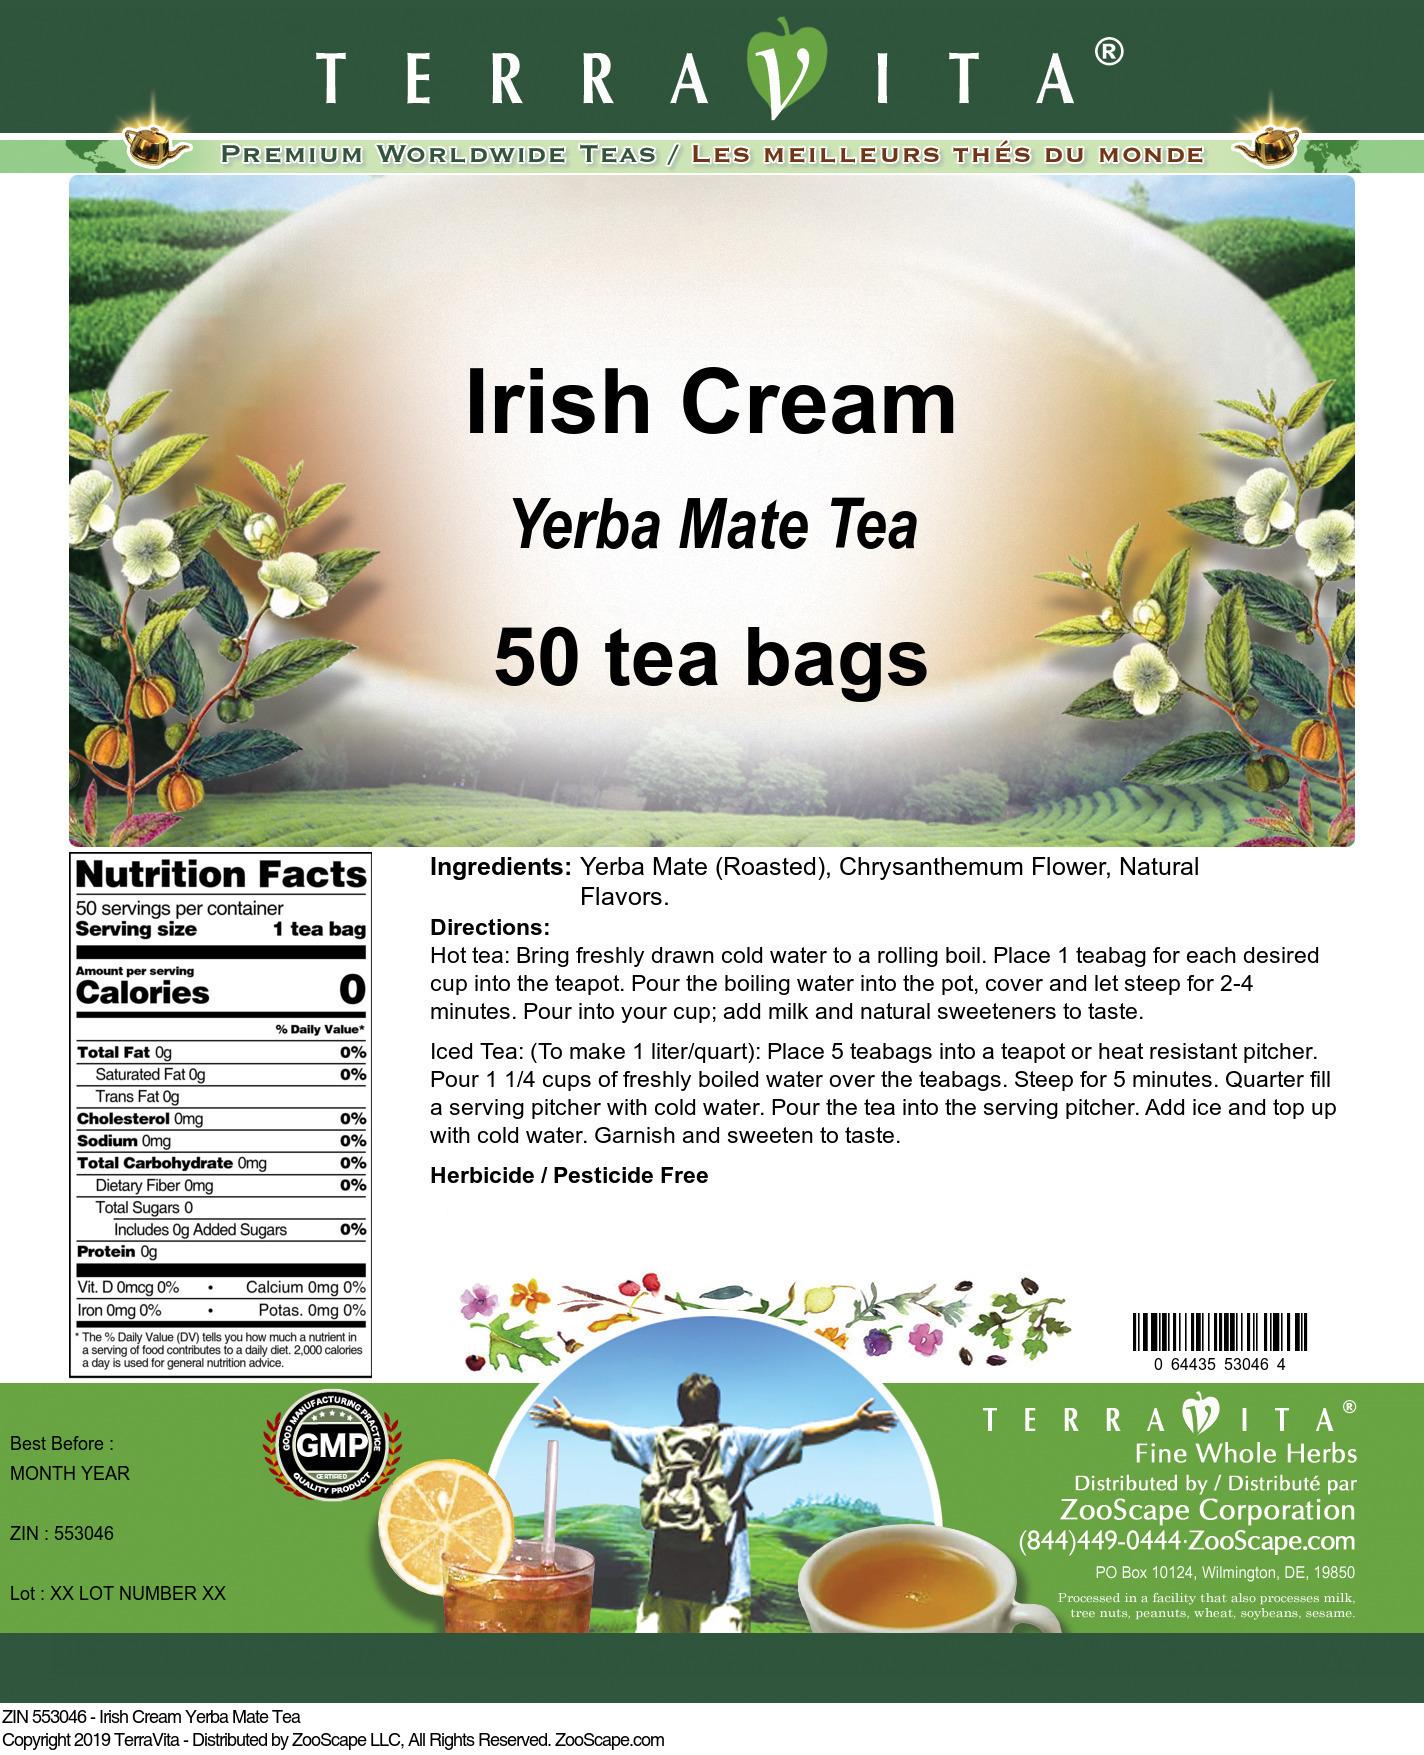 Irish Cream Yerba Mate Tea